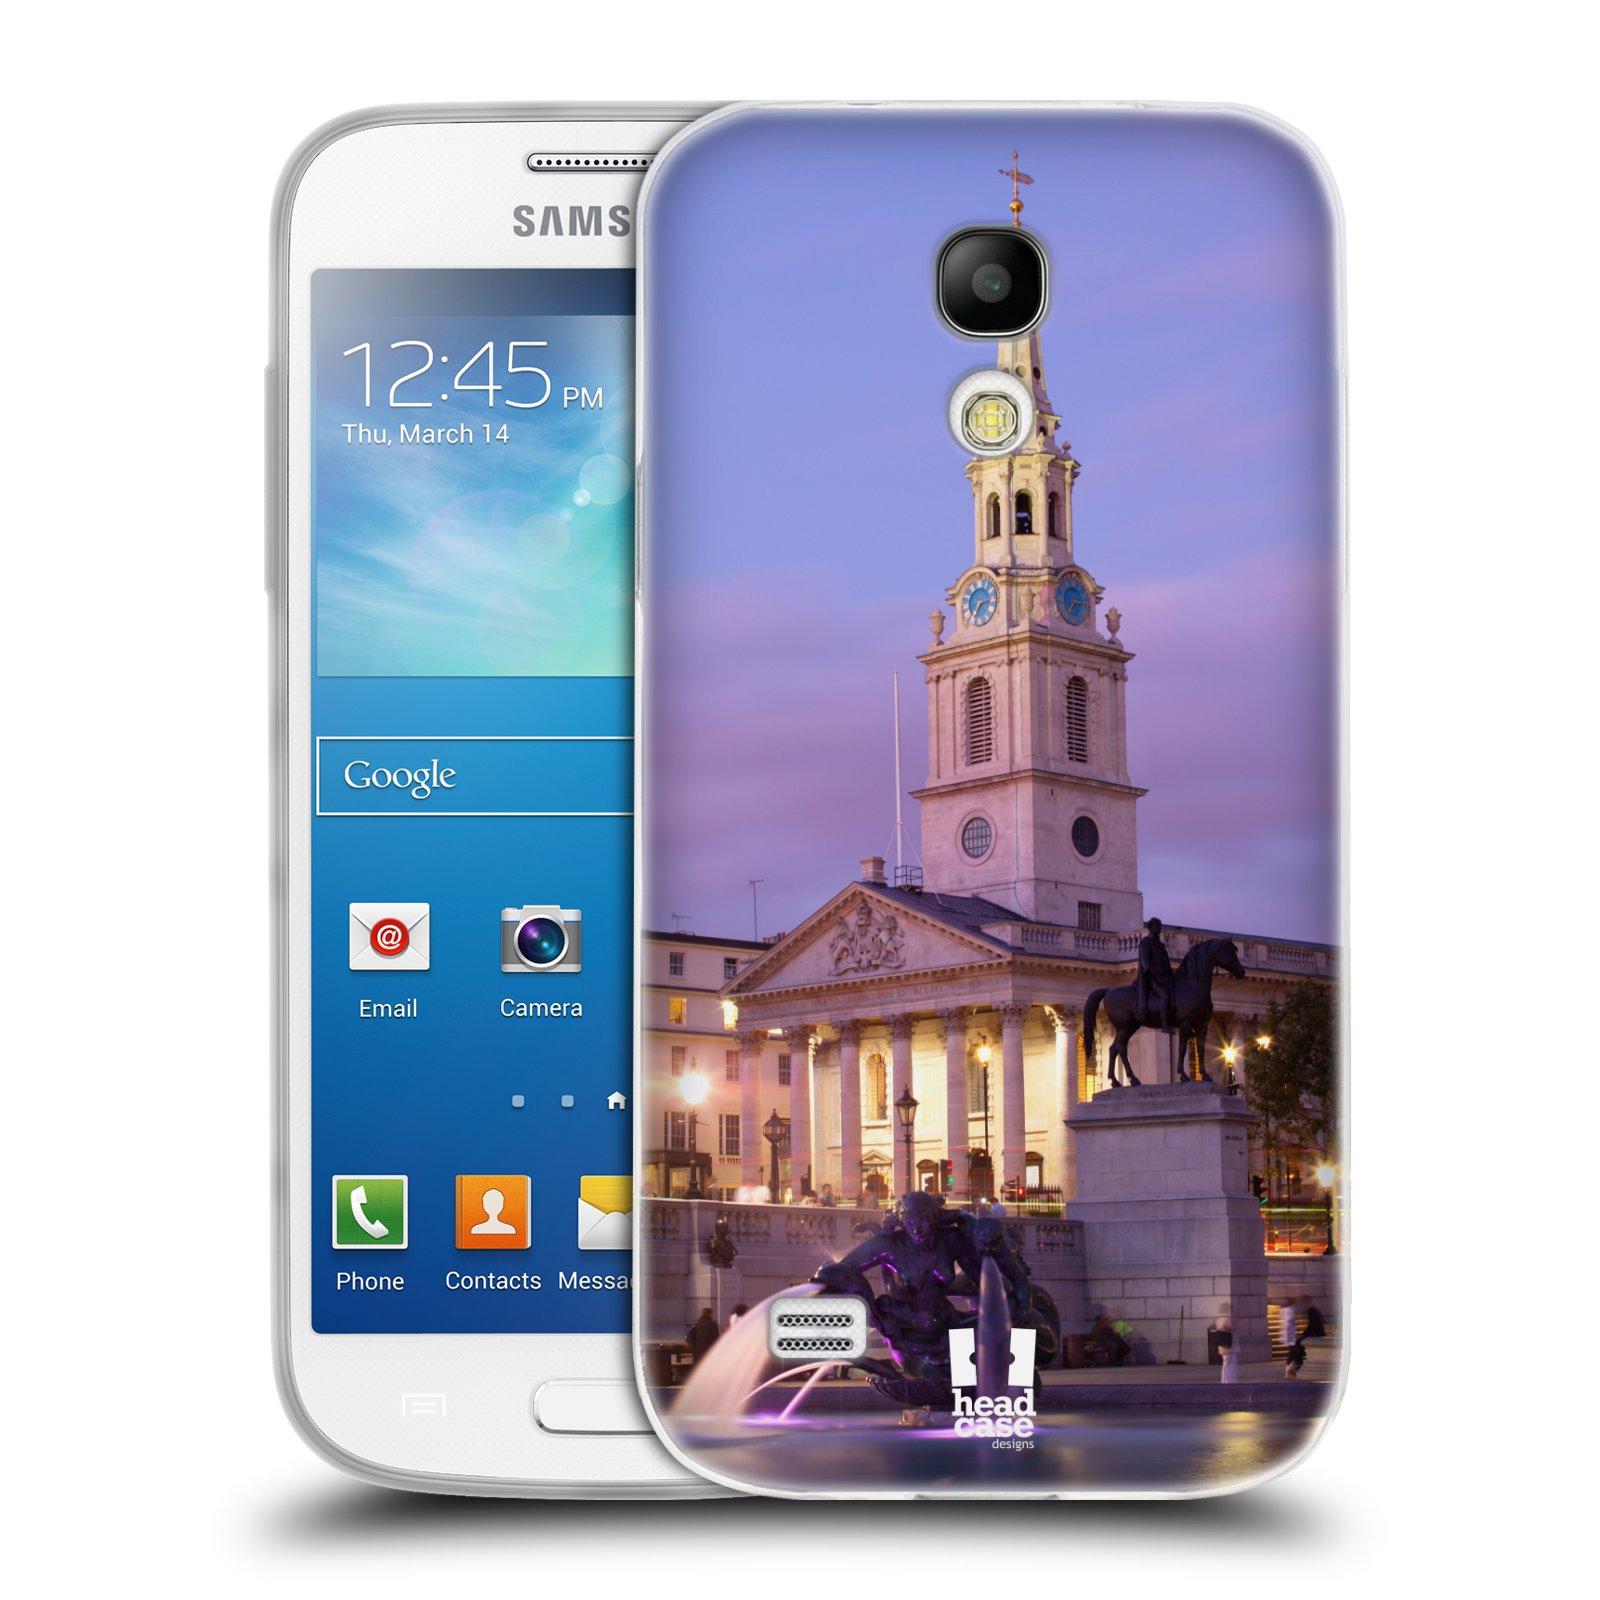 HEAD CASE silikonový obal na mobil Samsung Galaxy S4 MINI vzor Města foto náměstí ANGLIE, LONDÝN, TRAFALGAR VĚŽ HODINY